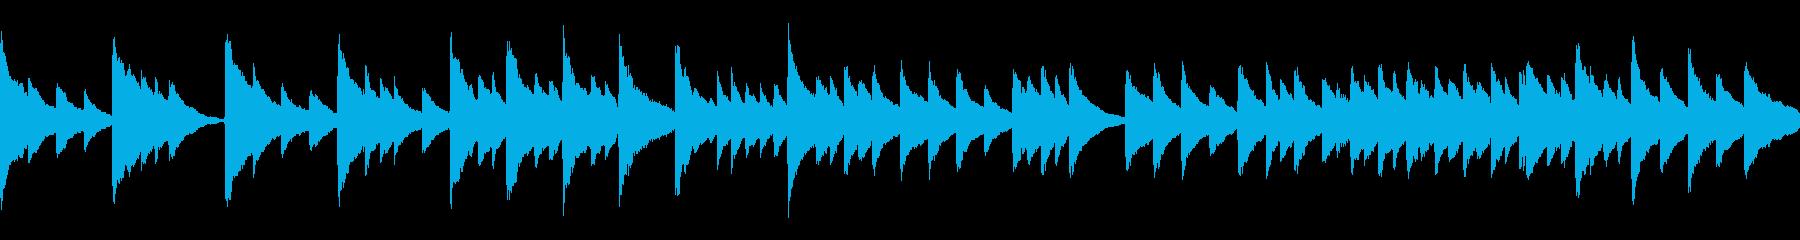 静か穏やか子守唄【ループ】の再生済みの波形